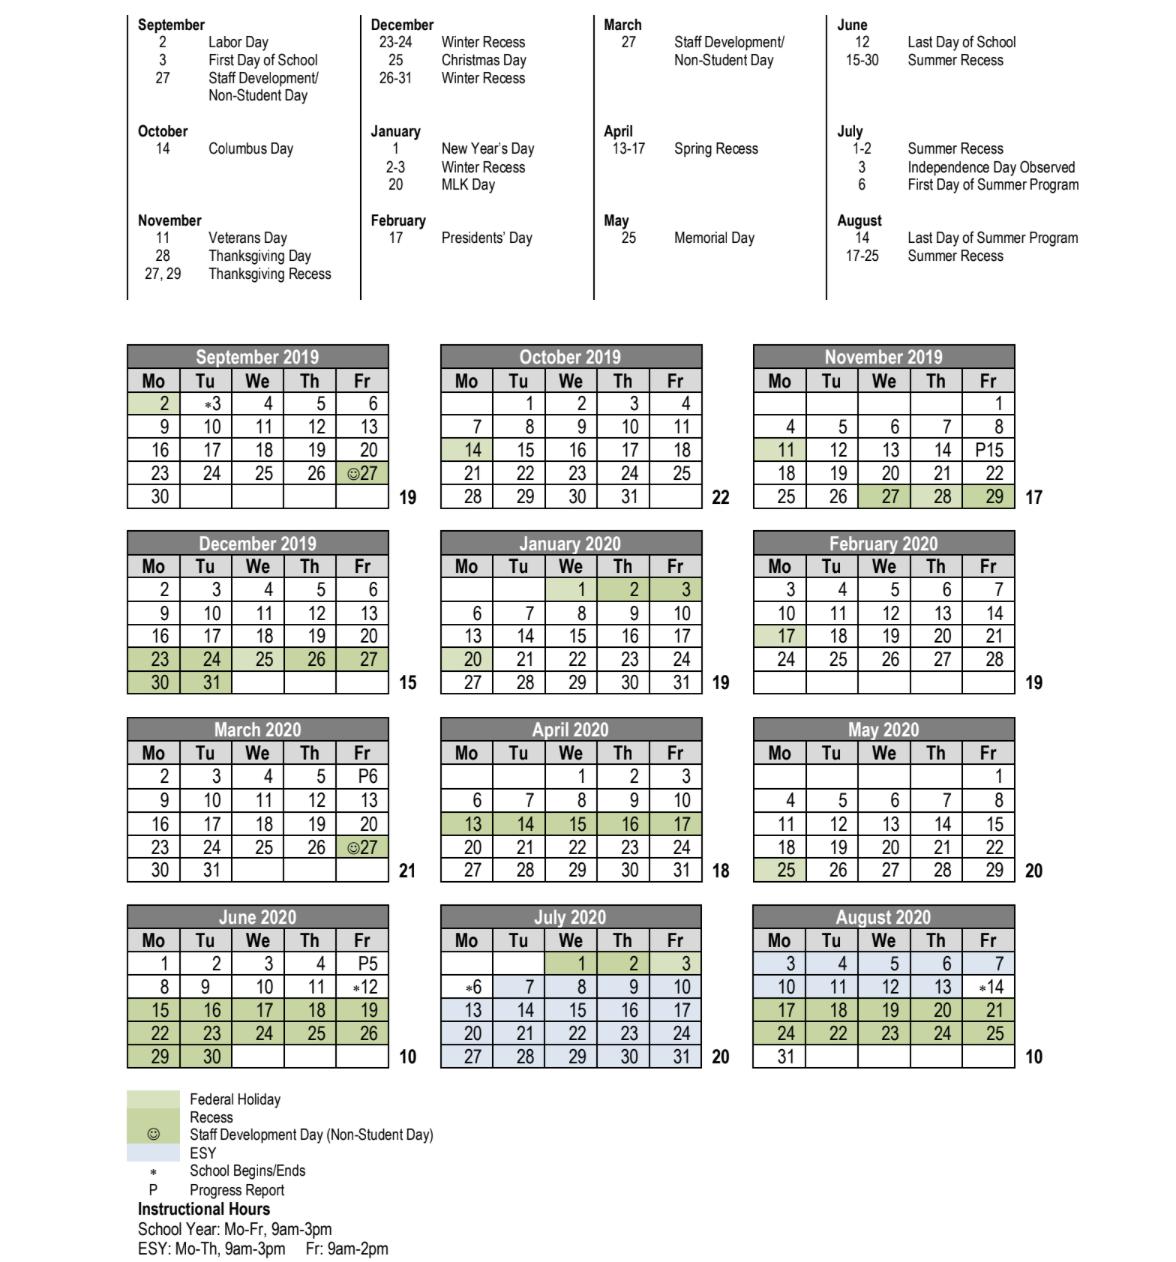 Uc berkeley academic calendar 2019-20